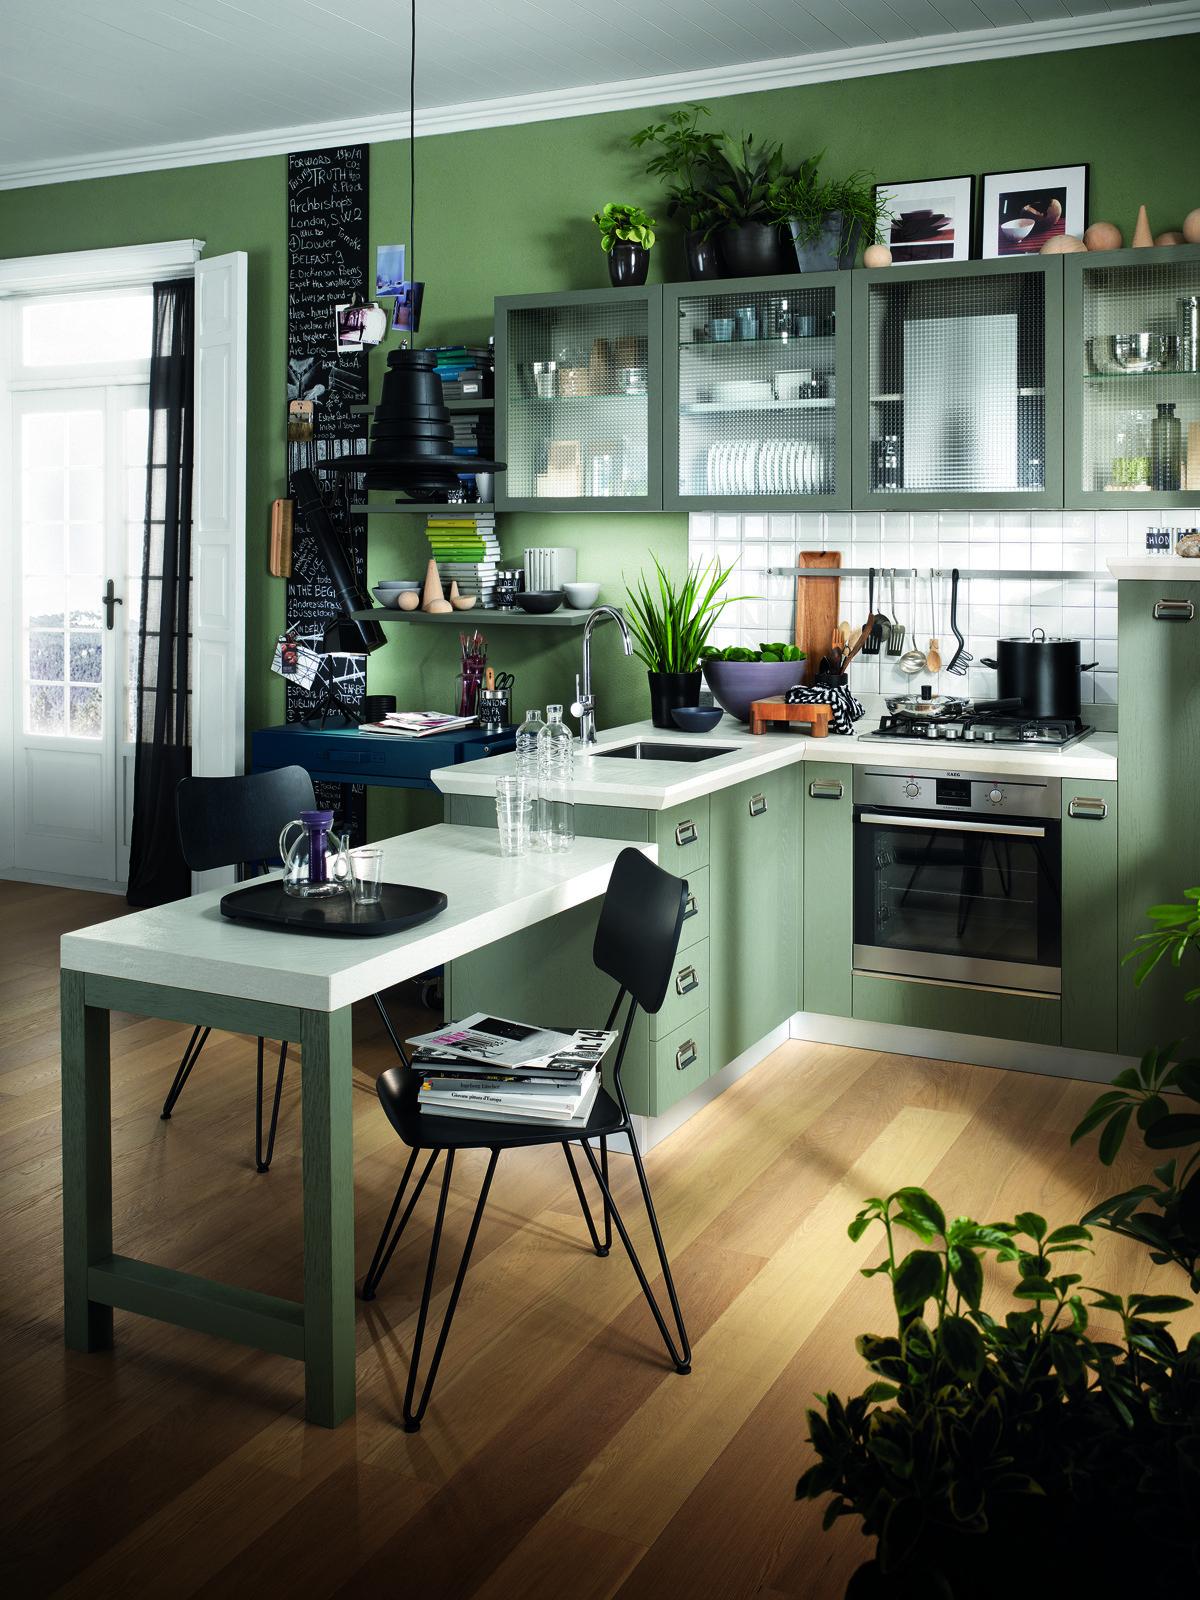 Cucina scavolini con diesel soluzioni di design per un atmosfera vintage cose di casa - Cucina diesel scavolini ...